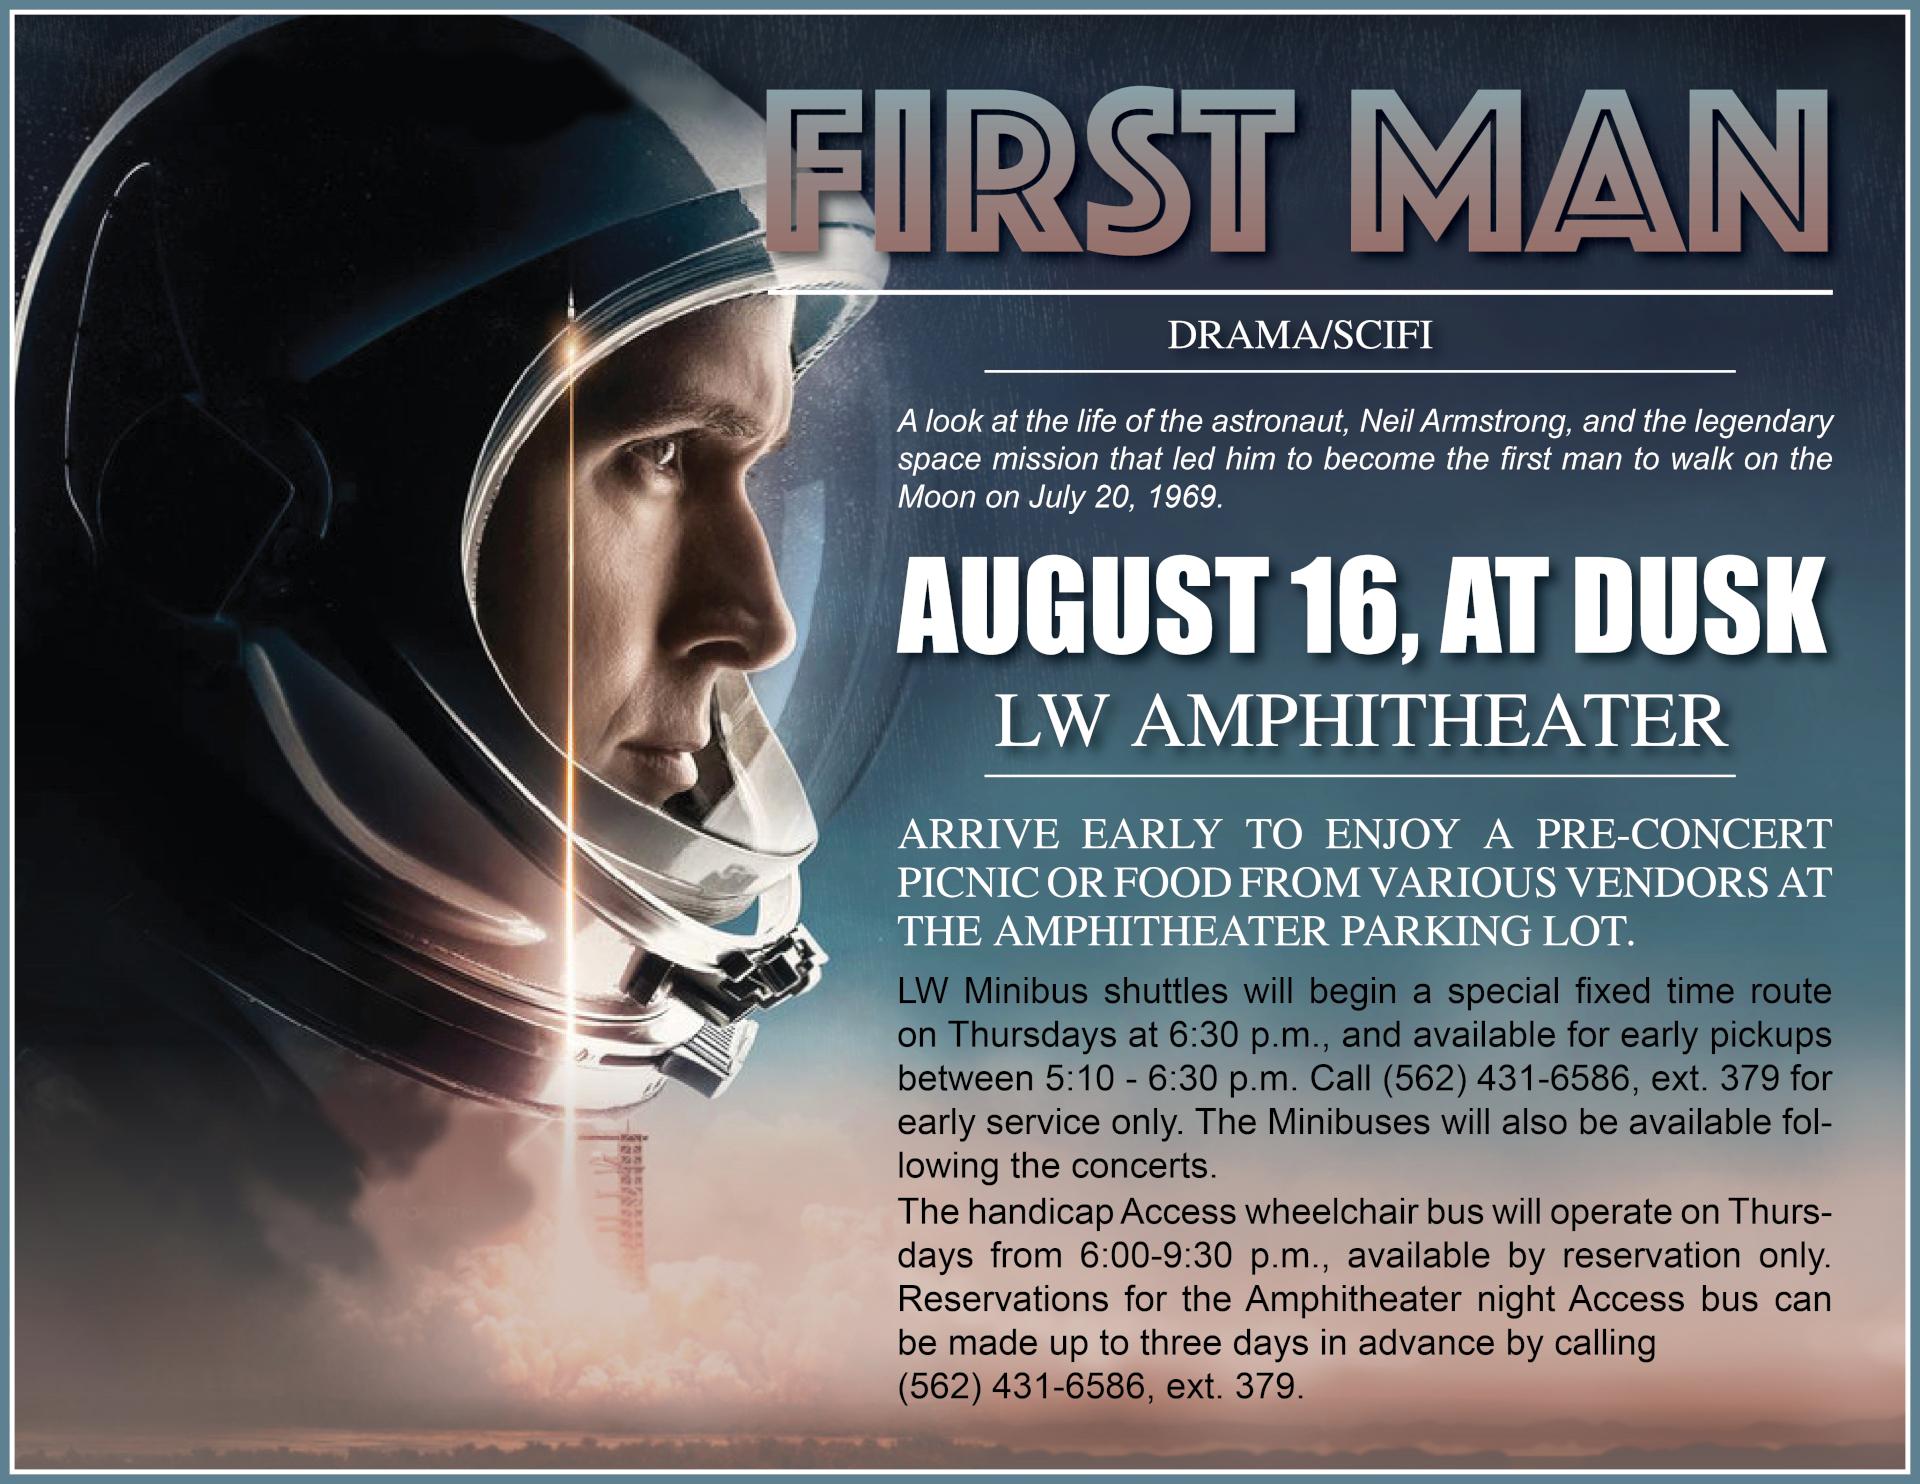 First Man flyer 08-16